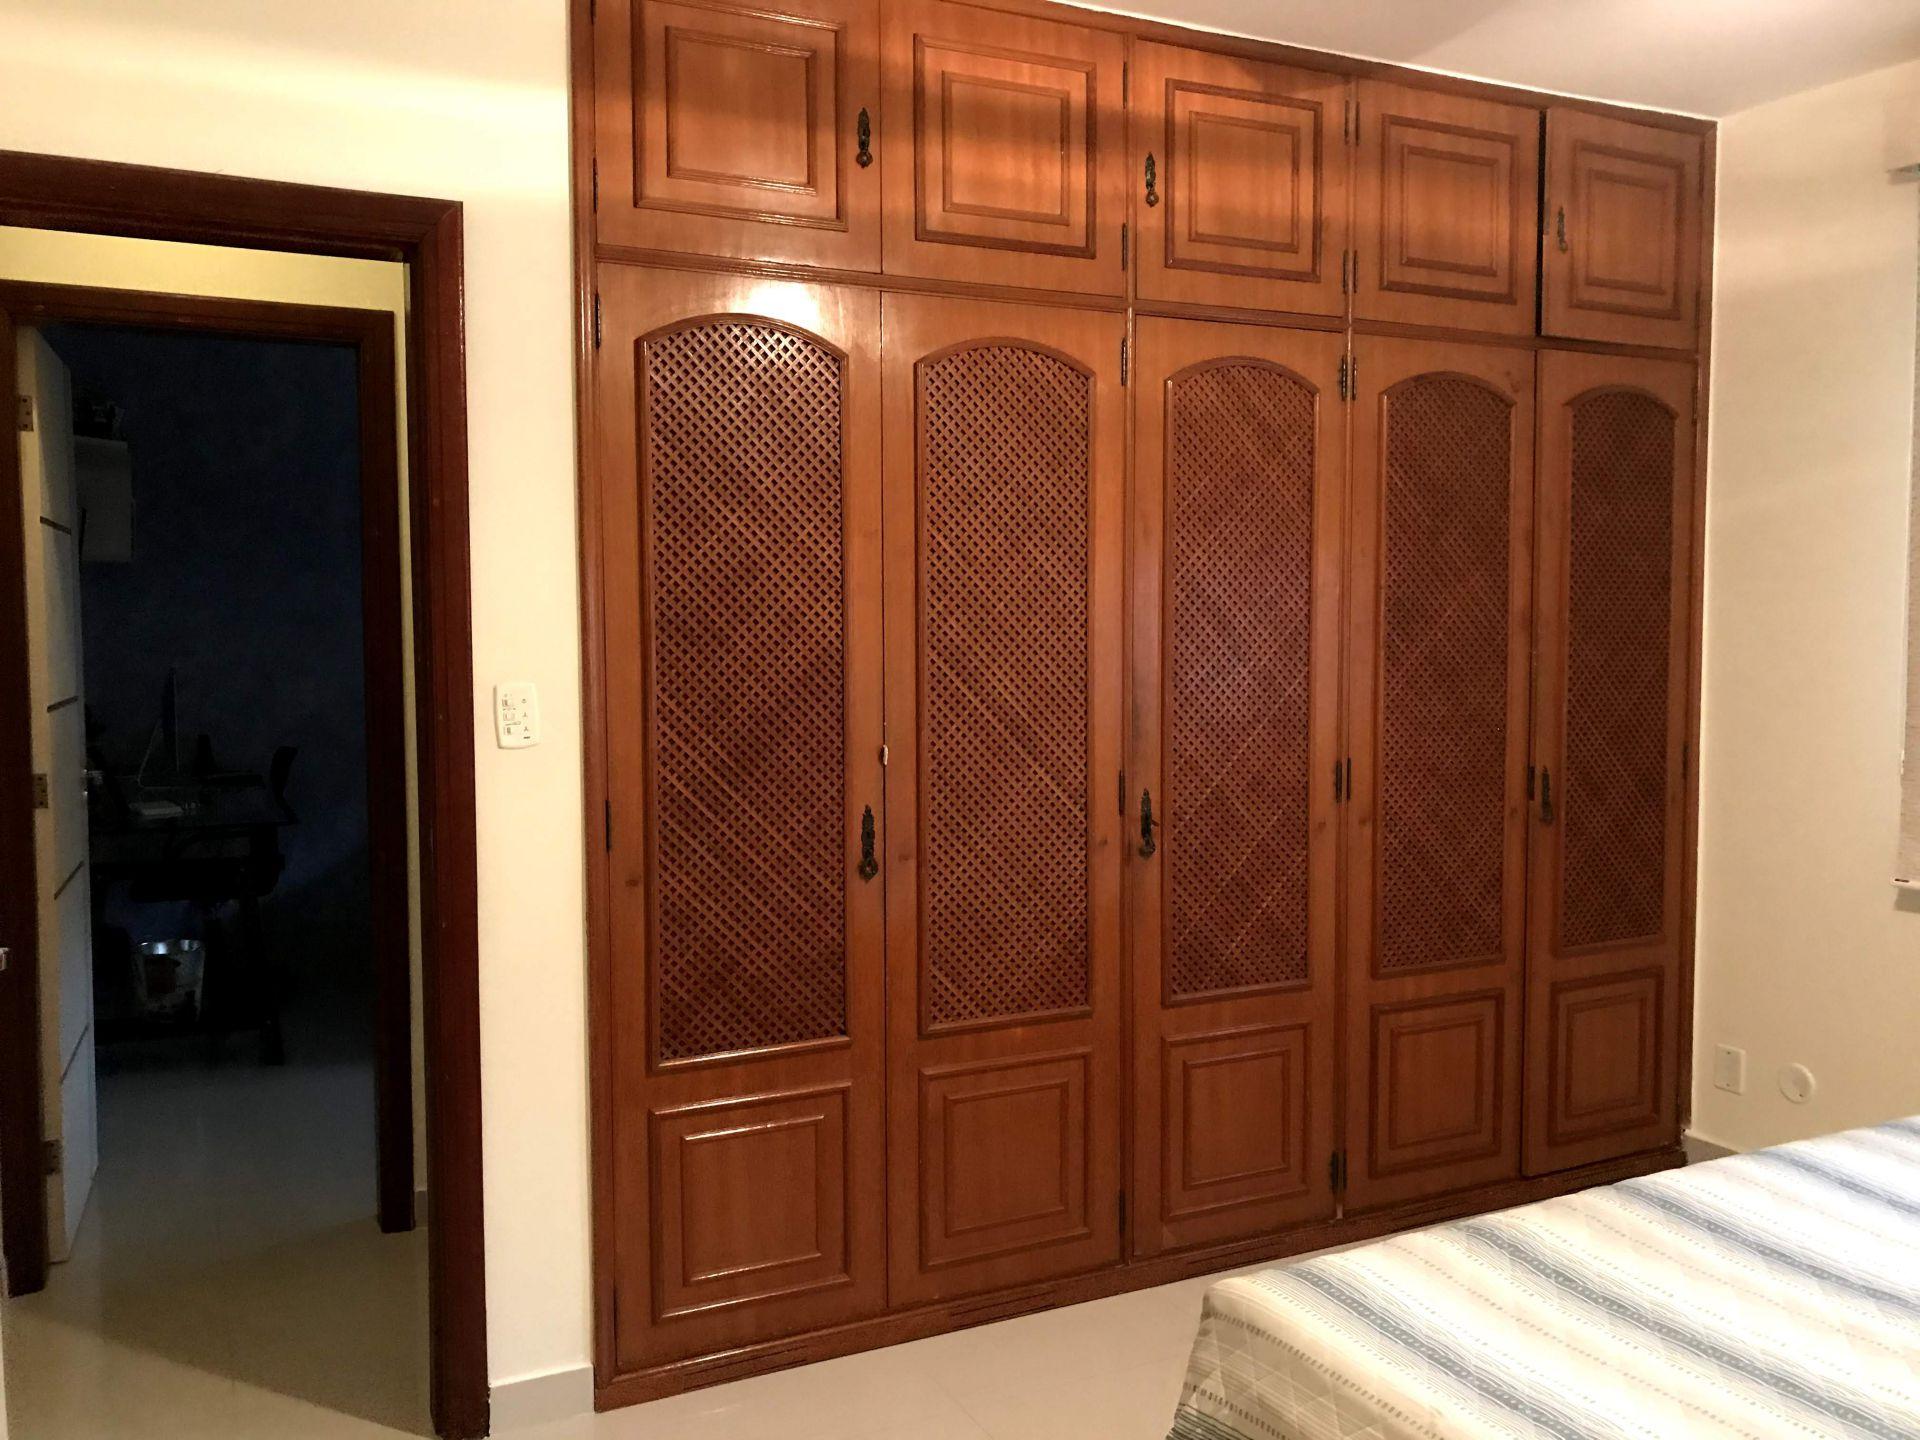 FOTO 12 - Casa em Condomínio à venda Rua Rosário Oeste,Vila Valqueire, Rio de Janeiro - R$ 1.500.000 - RF257 - 13